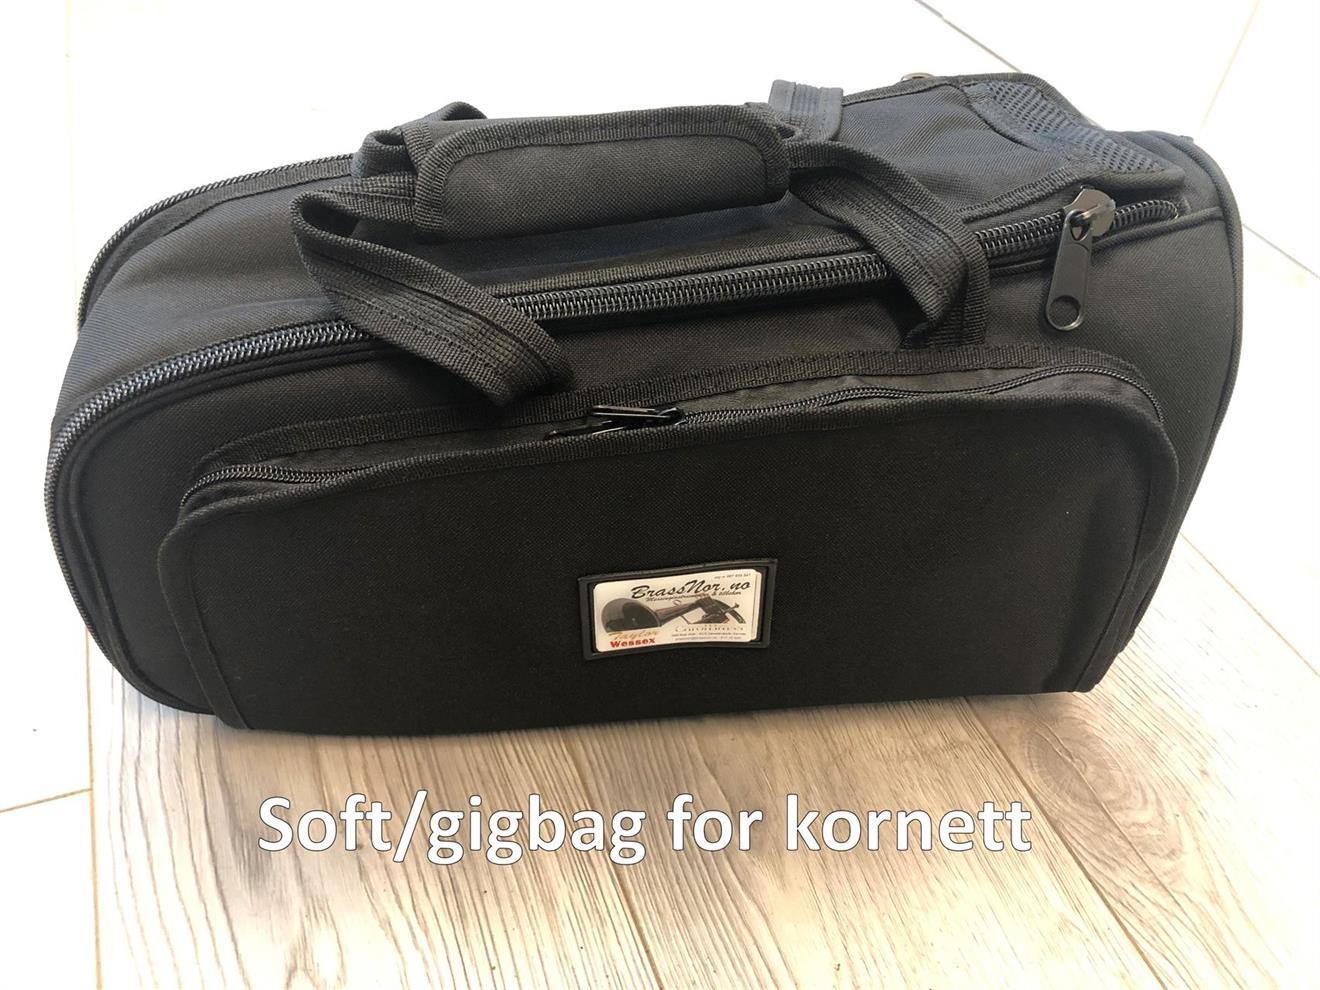 Soft/gigbag for kornett